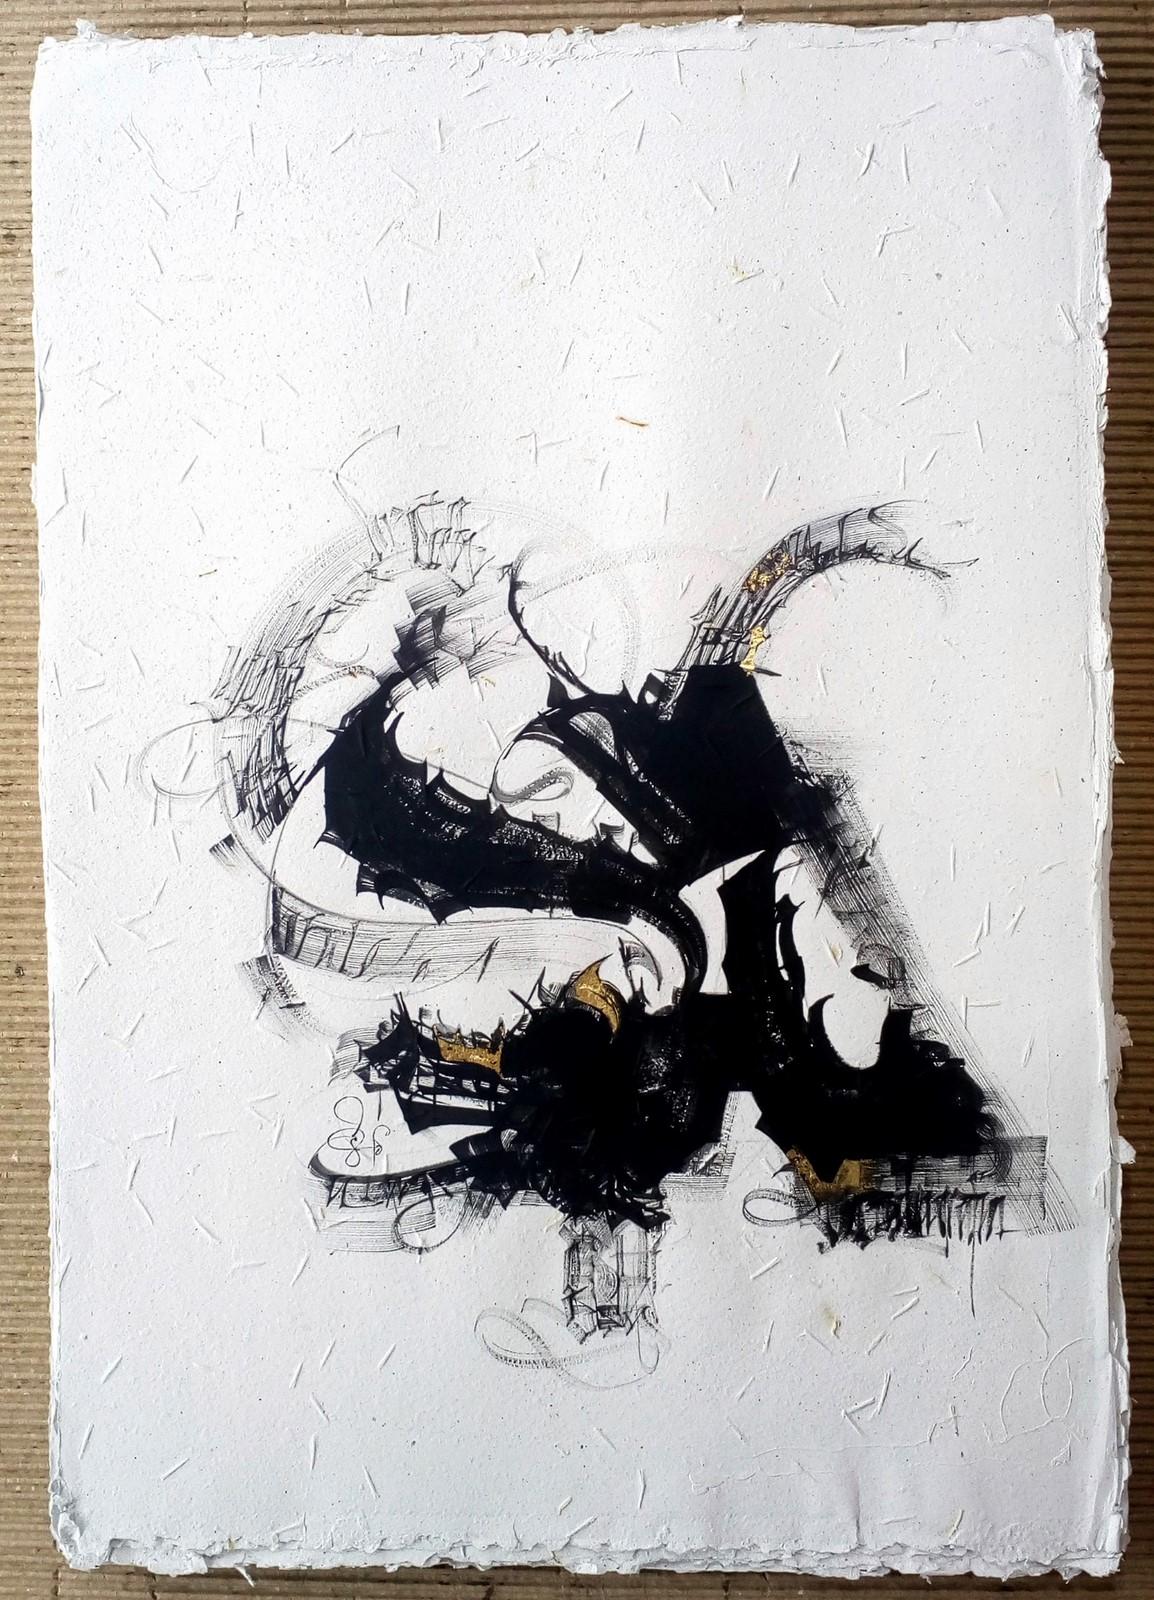 """<p>""""Bruta_La_A_ #2"""", Bruta Koleksiyonu 2018, Rio de Janeiro'da Boyanmış, Geri dönüştürülmüş tohum kağıt üzerine akrilik ve altın yaprak. Fırça 50 x 70 cm boyutlarında, 2018.<br /><em>""""Bruta_La_A_#2"""", Bruta Collection 2018, Painted in Rio de Janeiro, Acrylic and golden leaf on seed recycled paper, Brush Dimensions: 50 x 70 cm, 2018.</em></p><p></p>"""